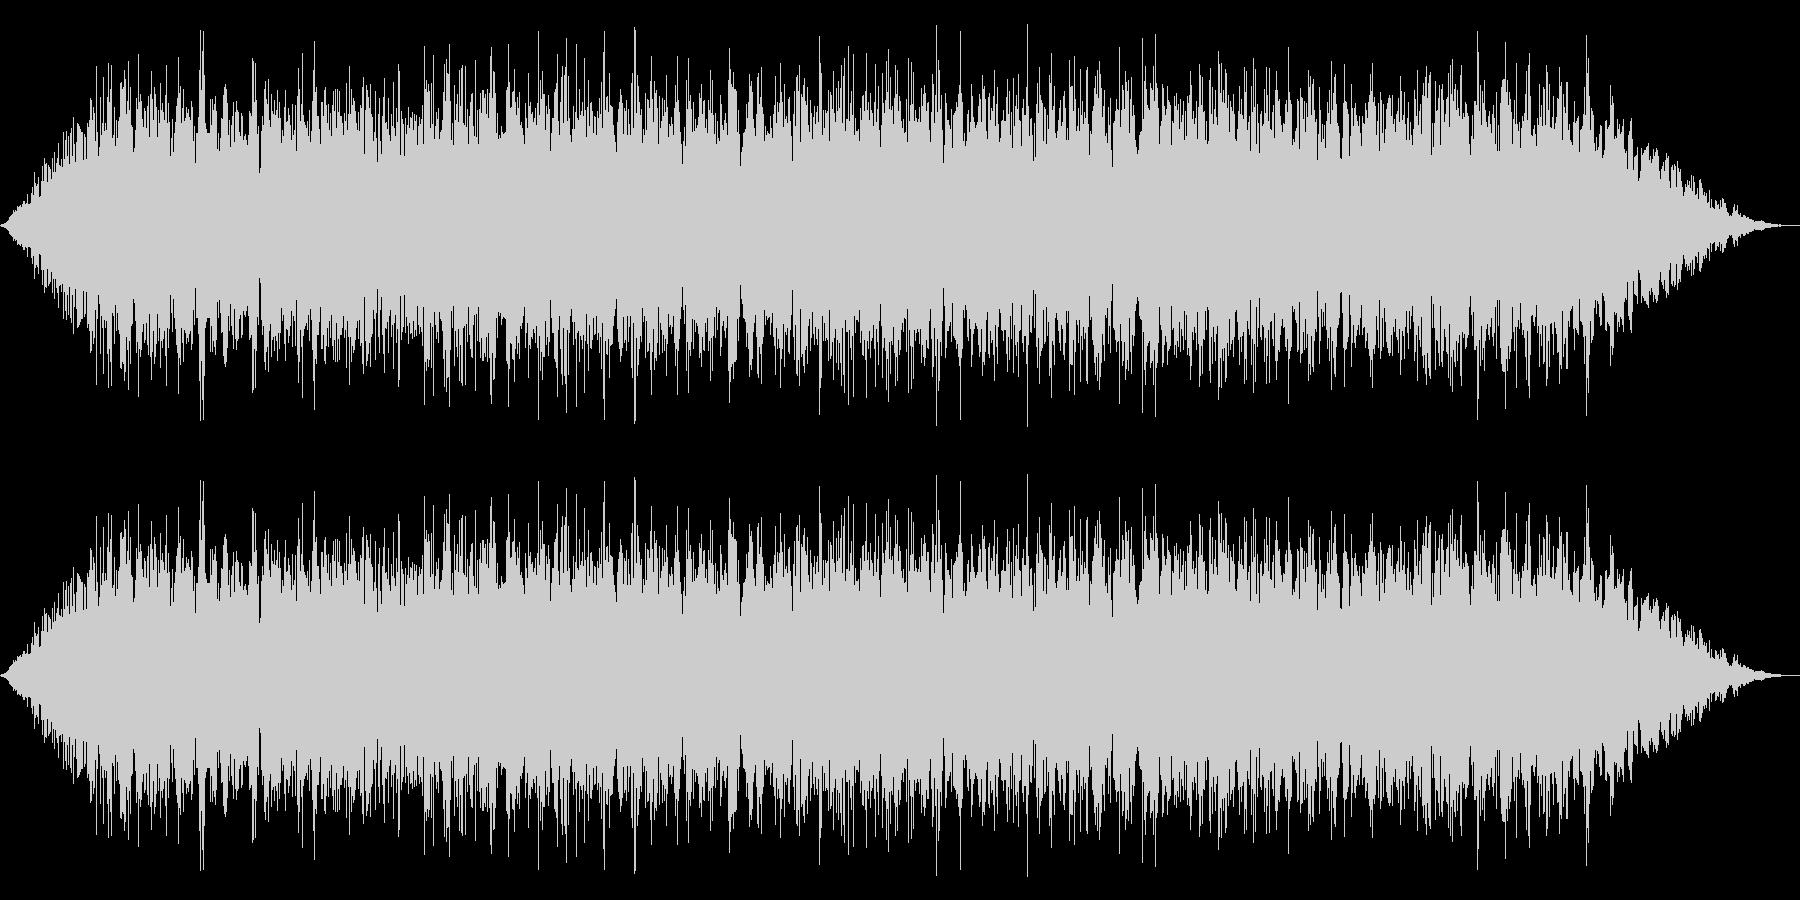 カエル/中距離/合唱(20秒Ver.)の未再生の波形